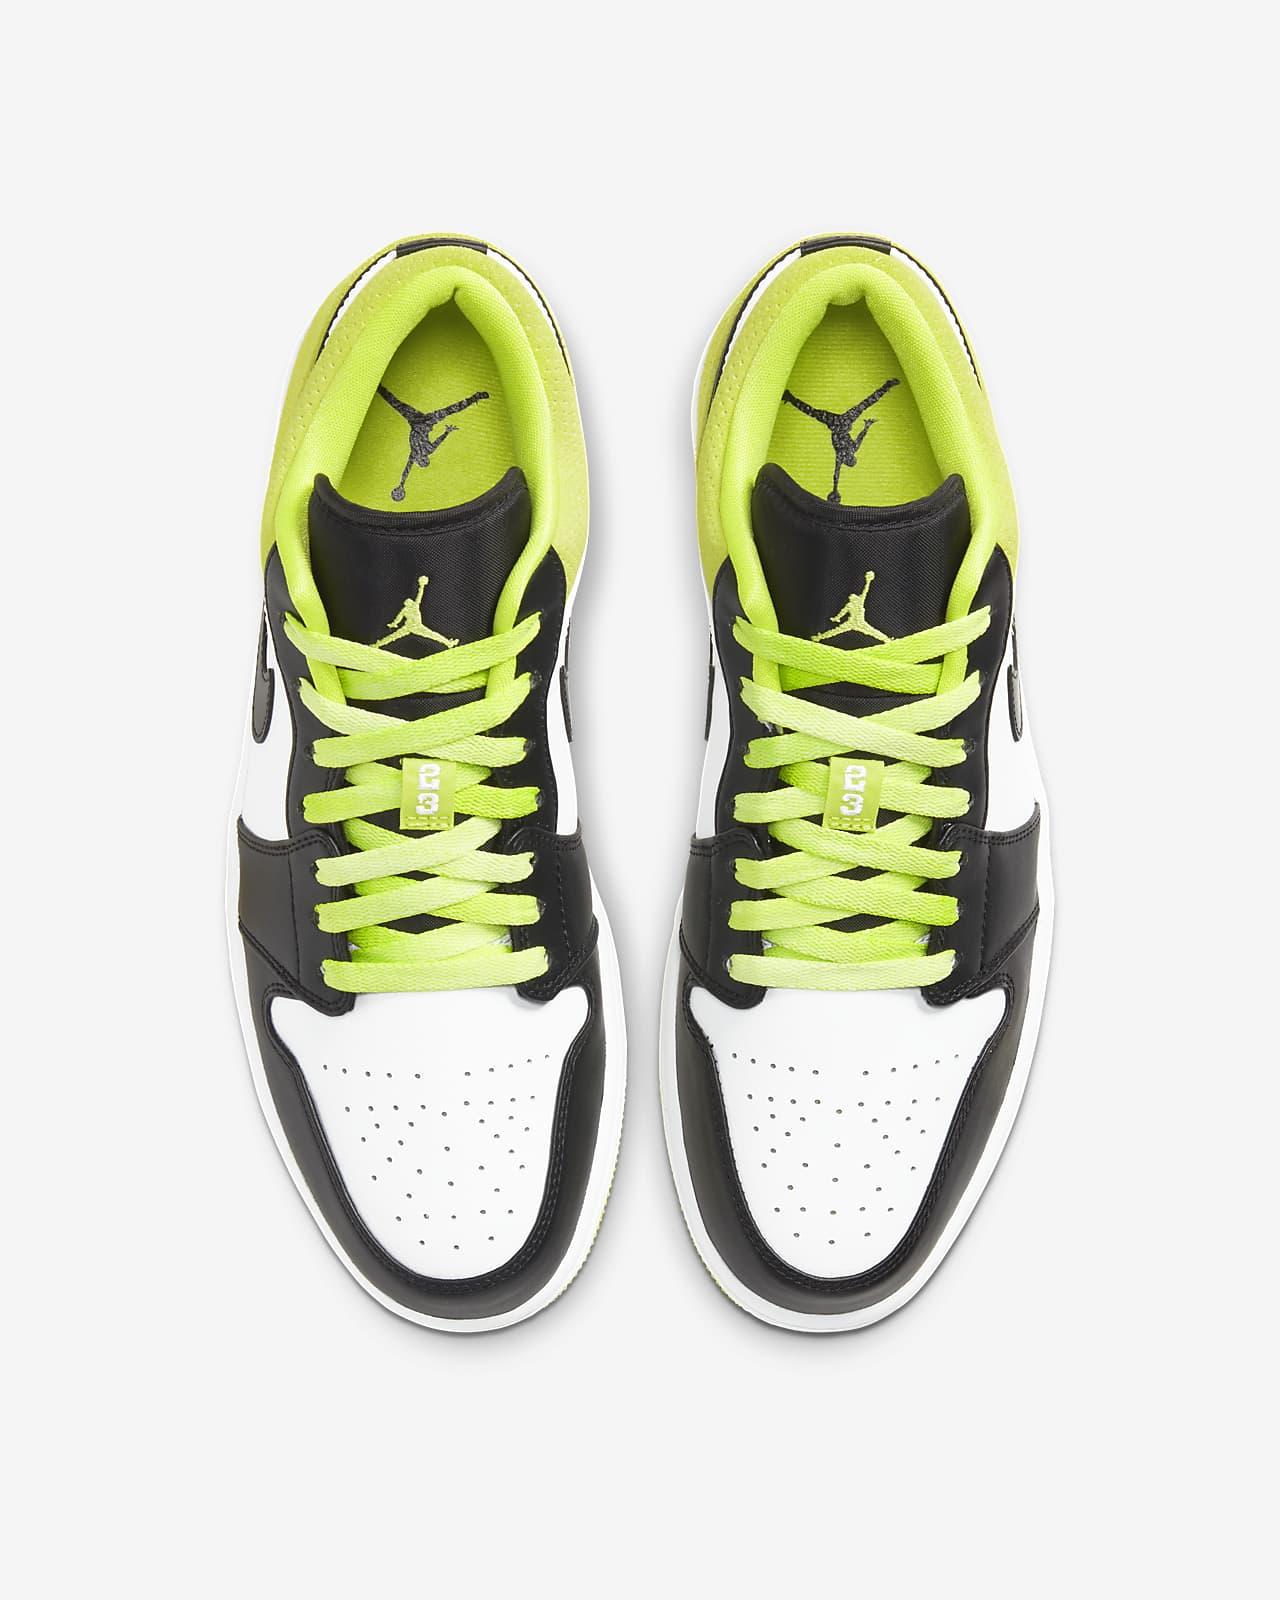 Chaussure Air Jordan 1 Low SE